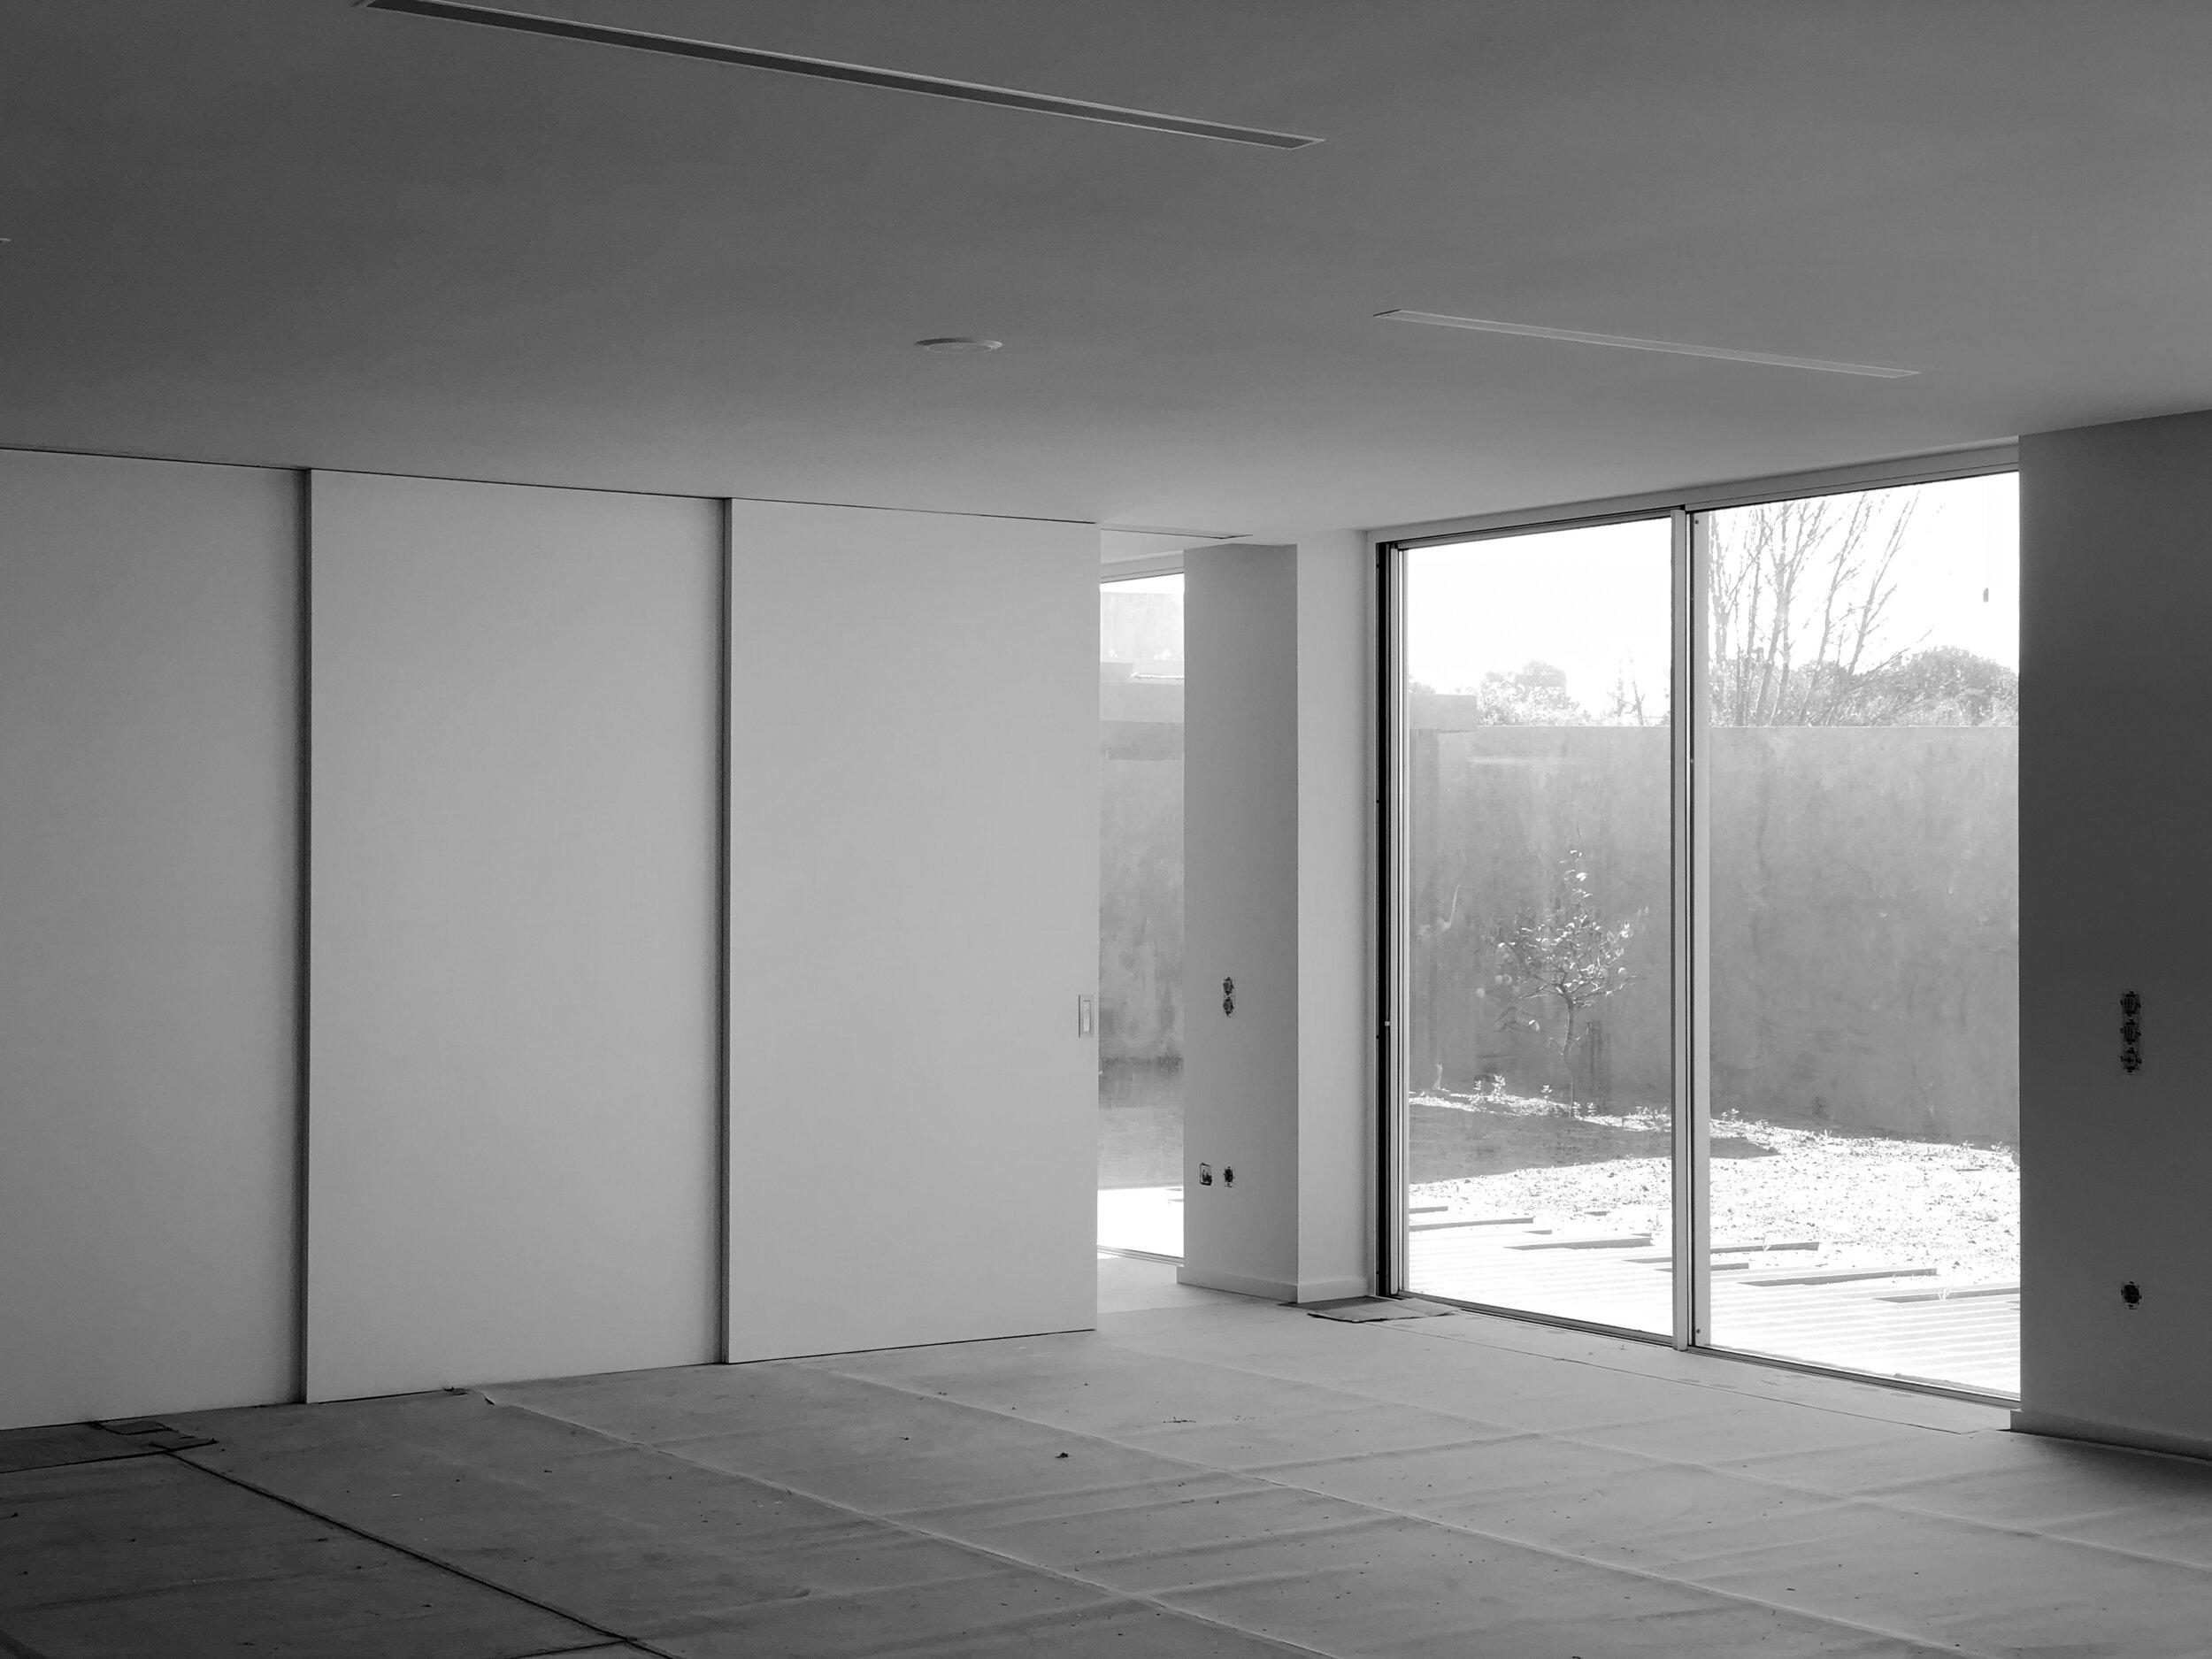 Moradia Alfazema - EVA evolutionary architecture - arquitetura - habitação (9).jpg